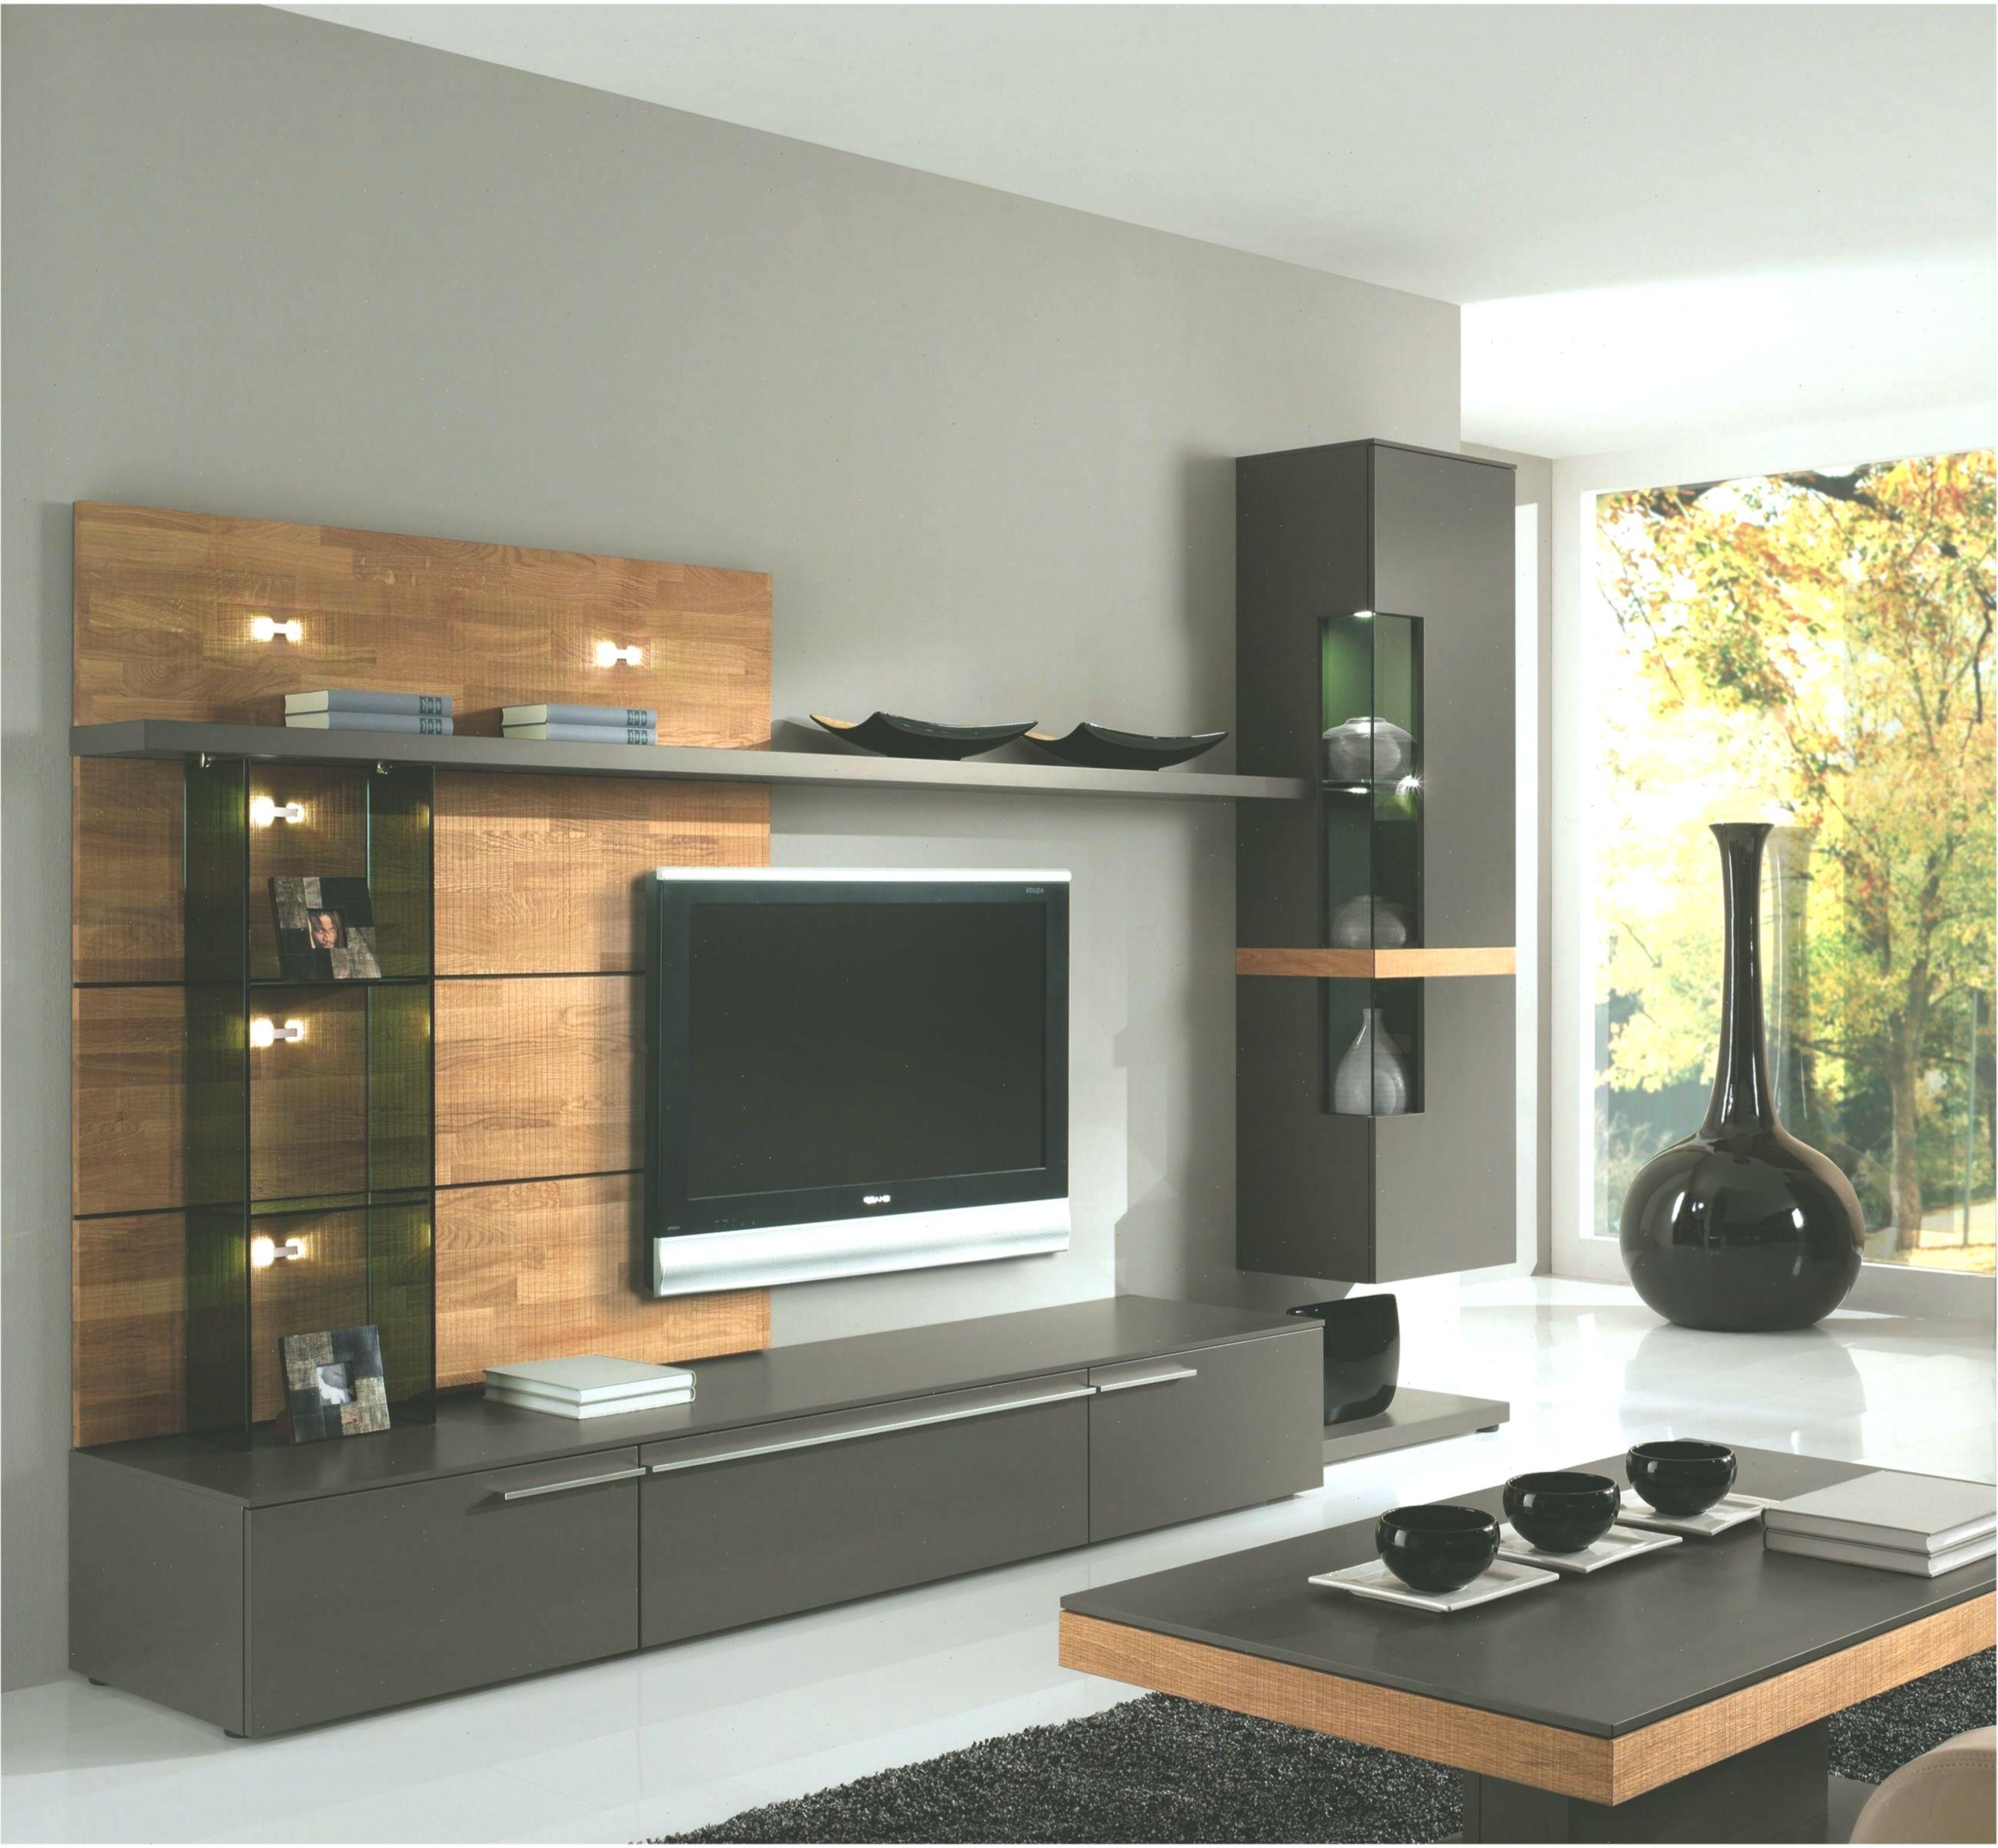 Tv Cabinet Tv Cabinet 2019 Living Room Tv Cabinet Living Room